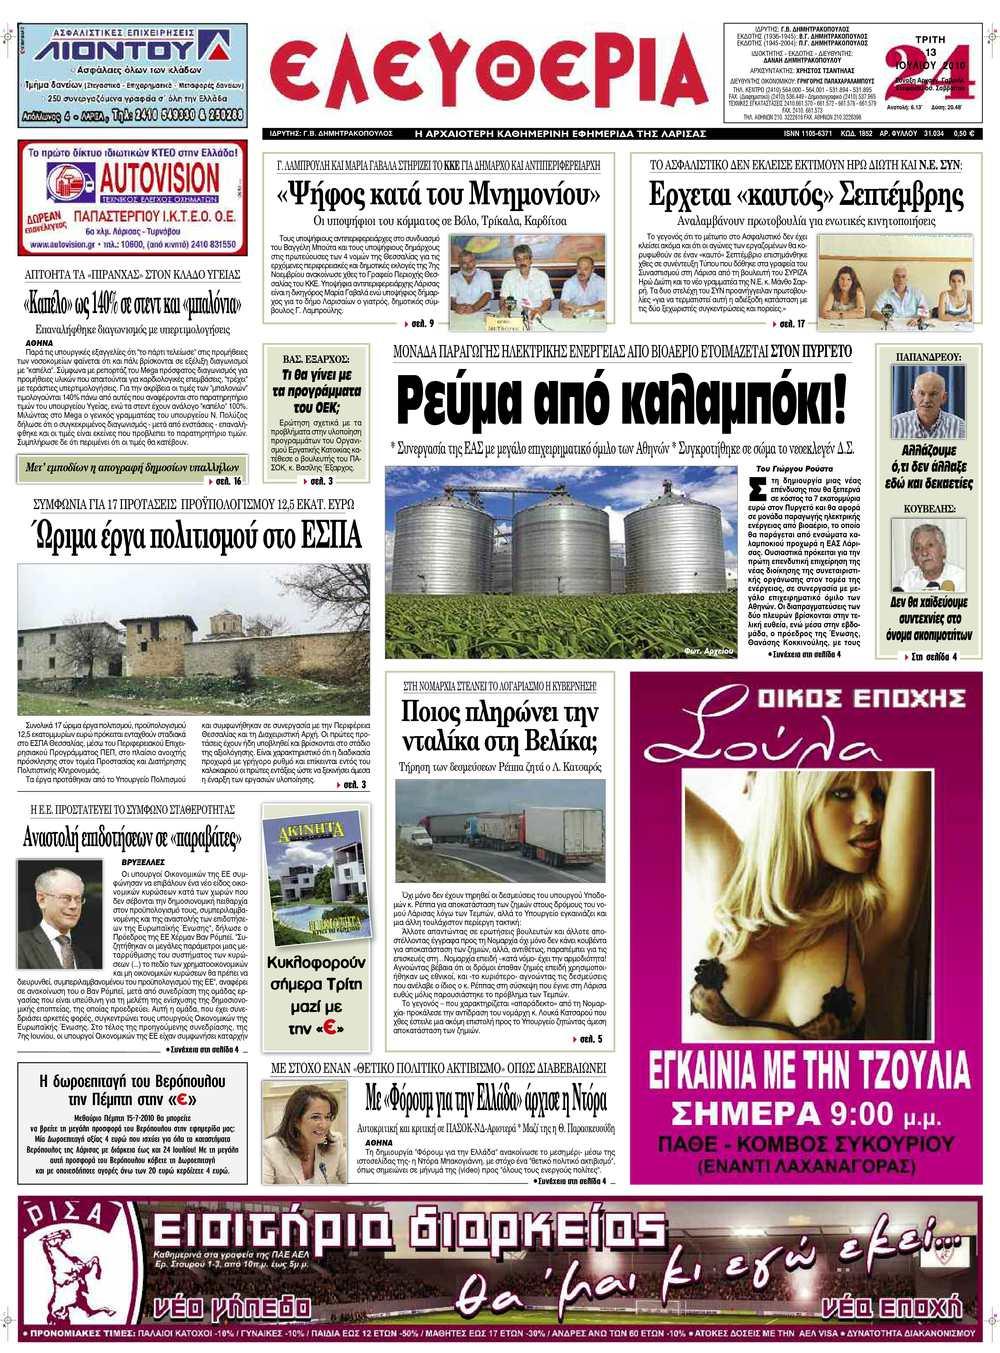 e7942da068d Calaméo - Eleftheria.gr_13/7/2010